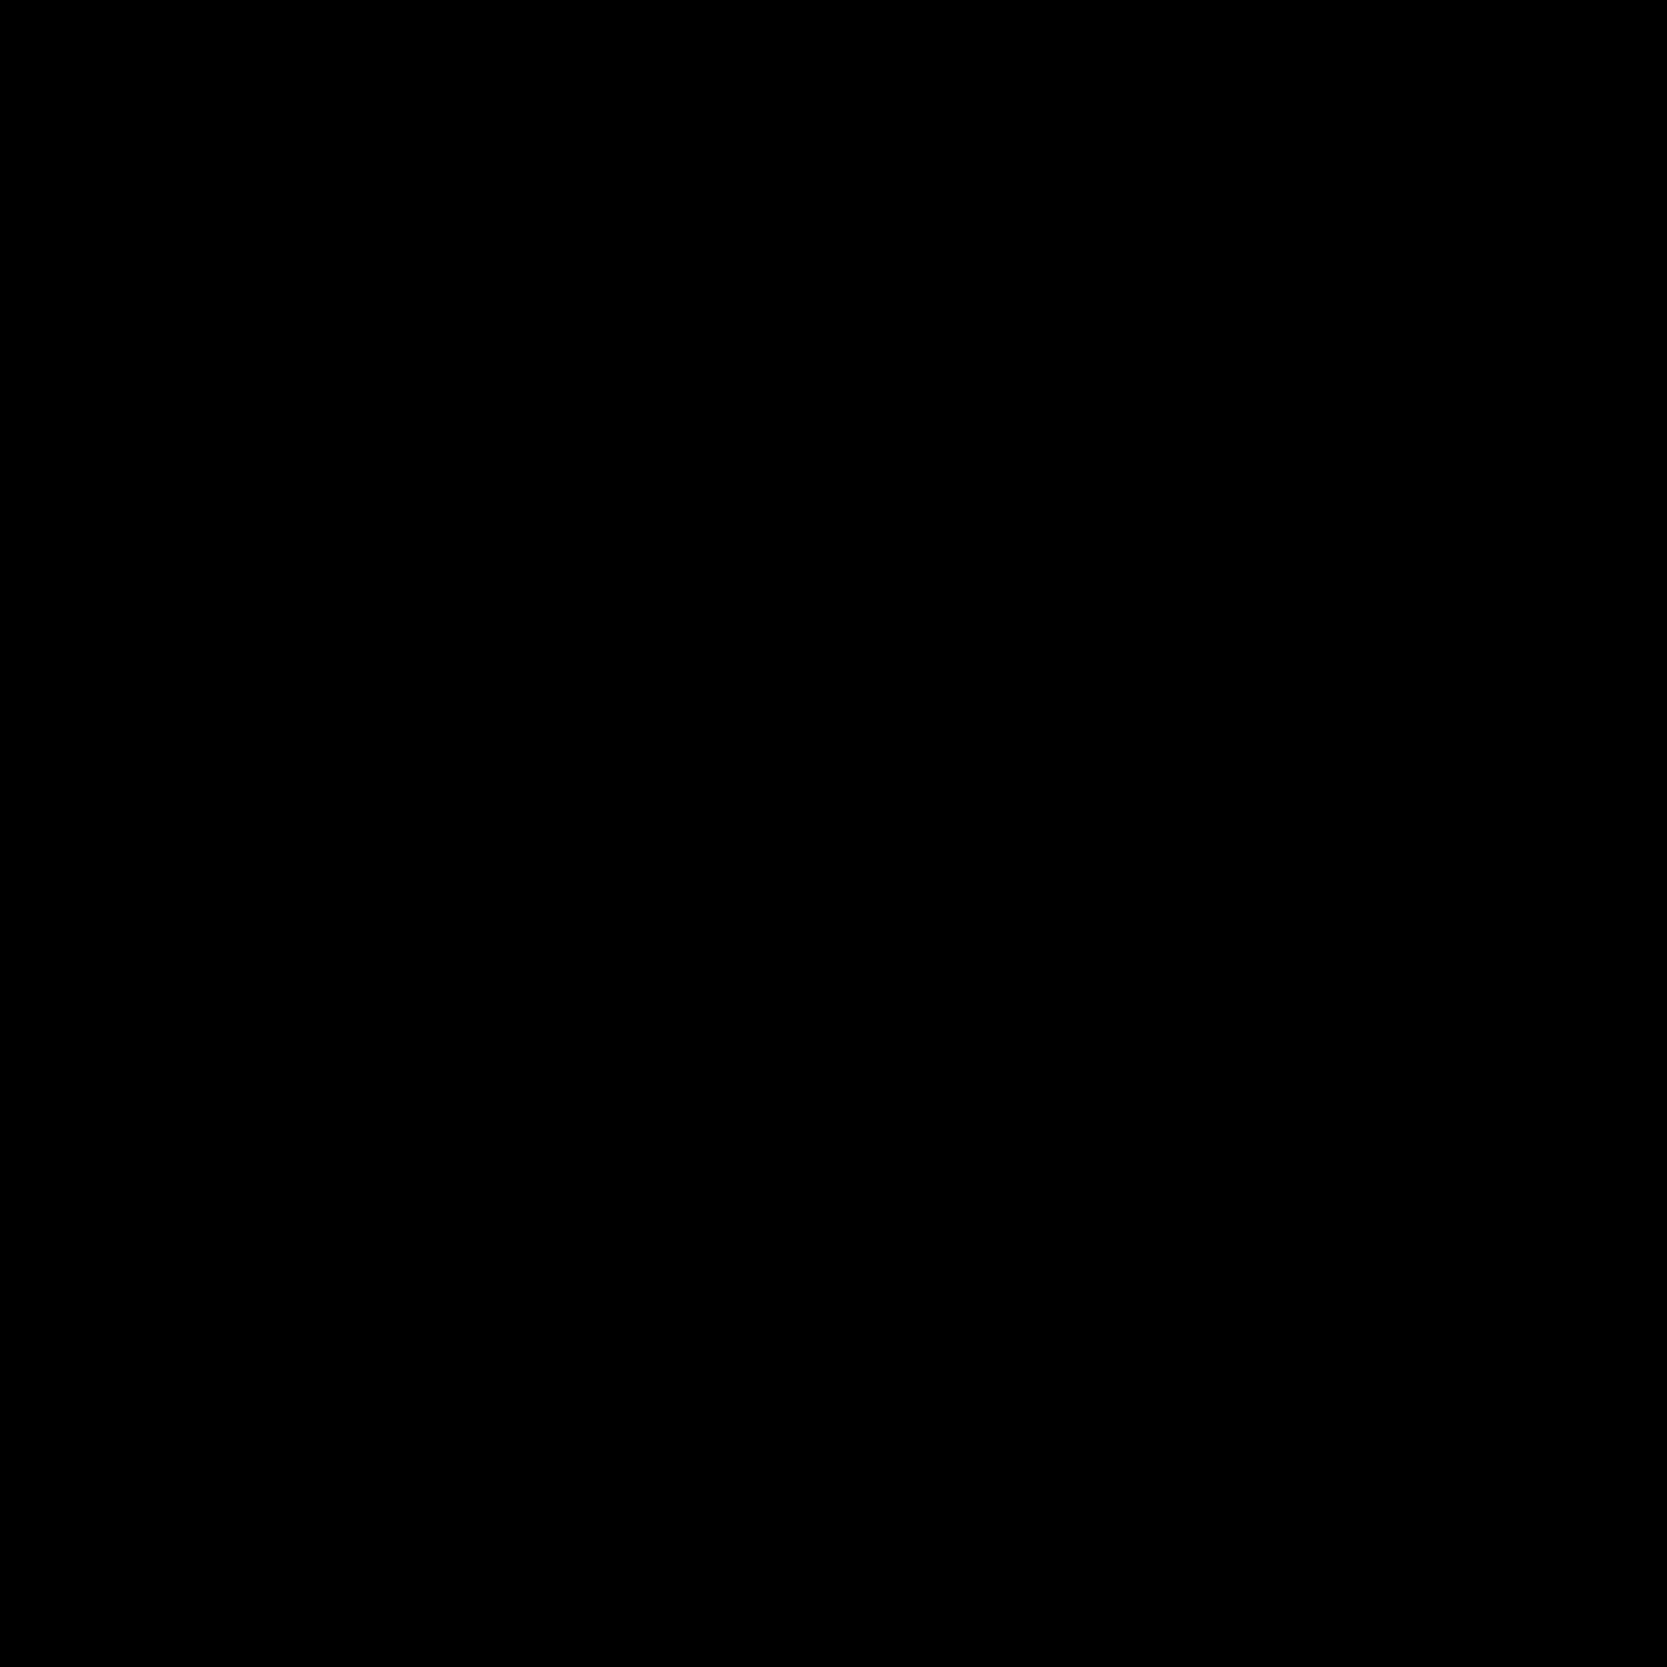 Fächer - Ikone